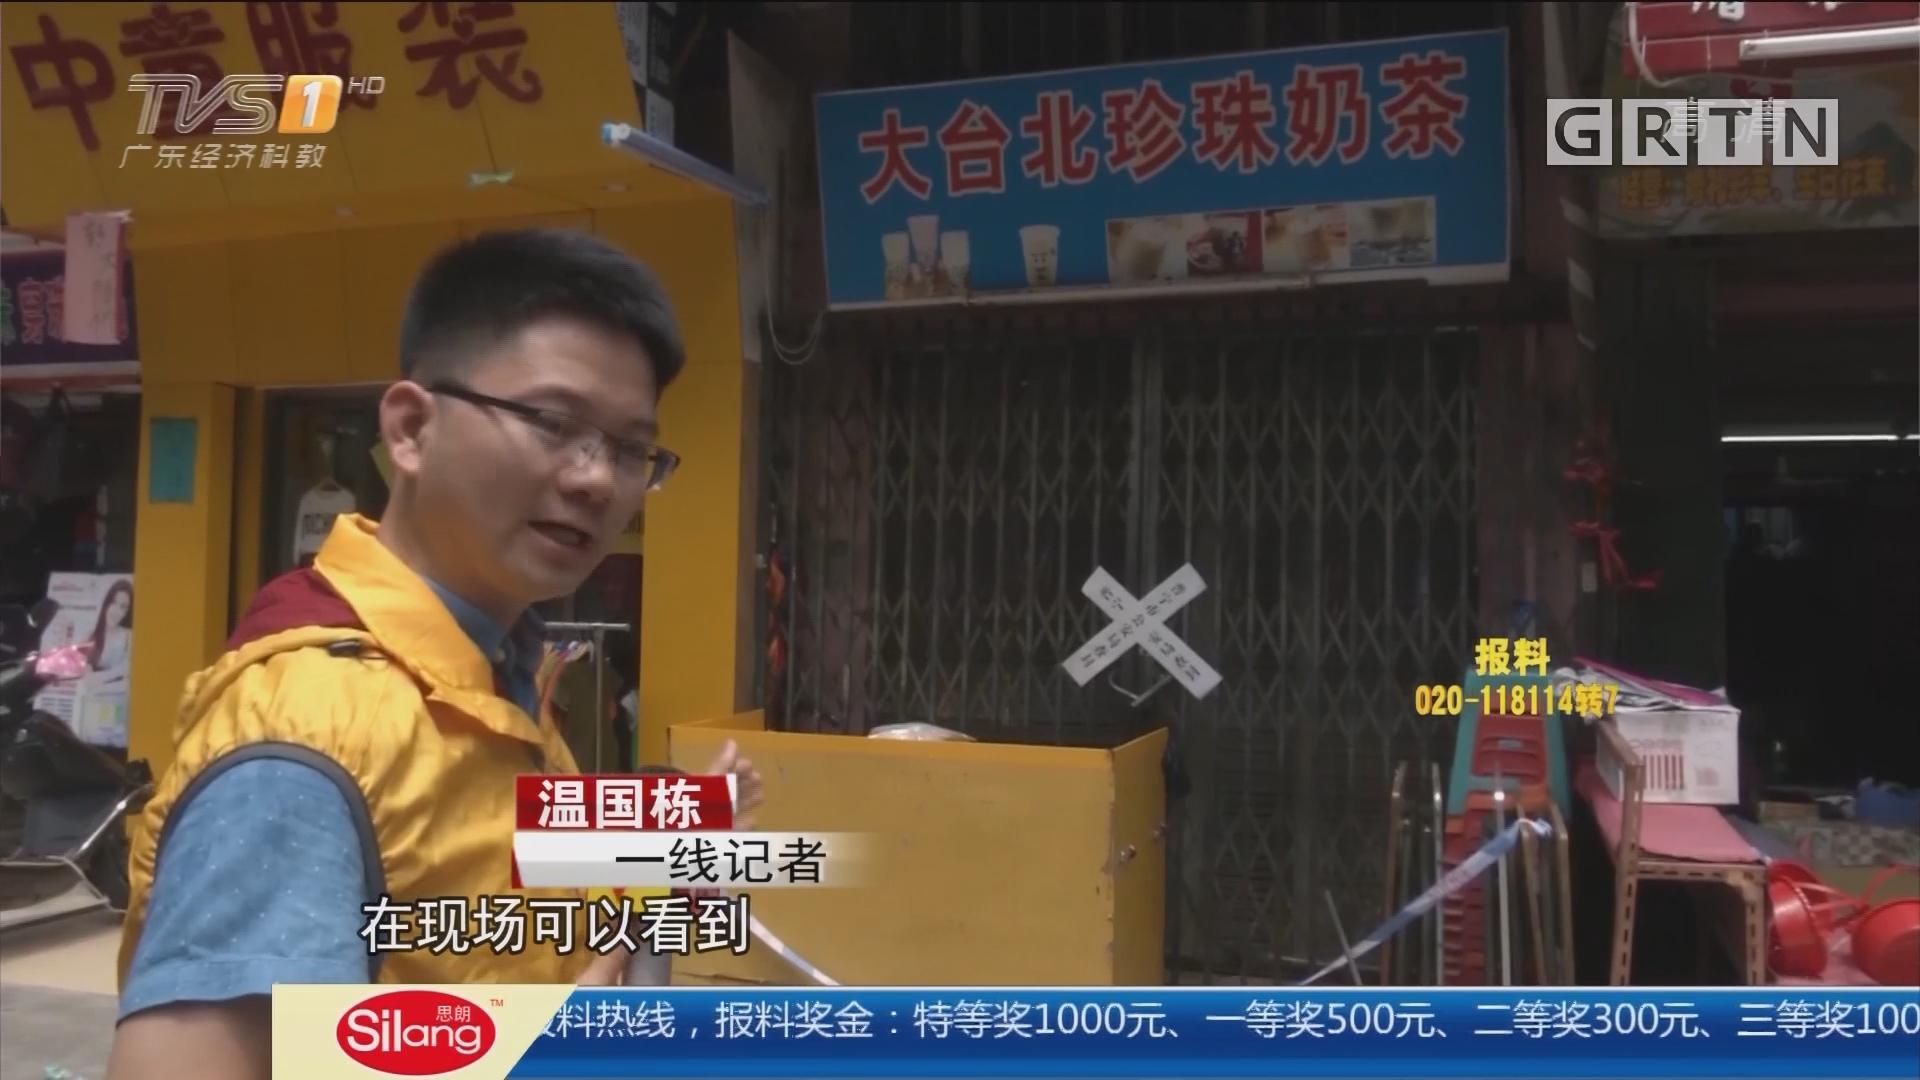 揭阳普宁市:男子持刀刺伤家人 被当场制服